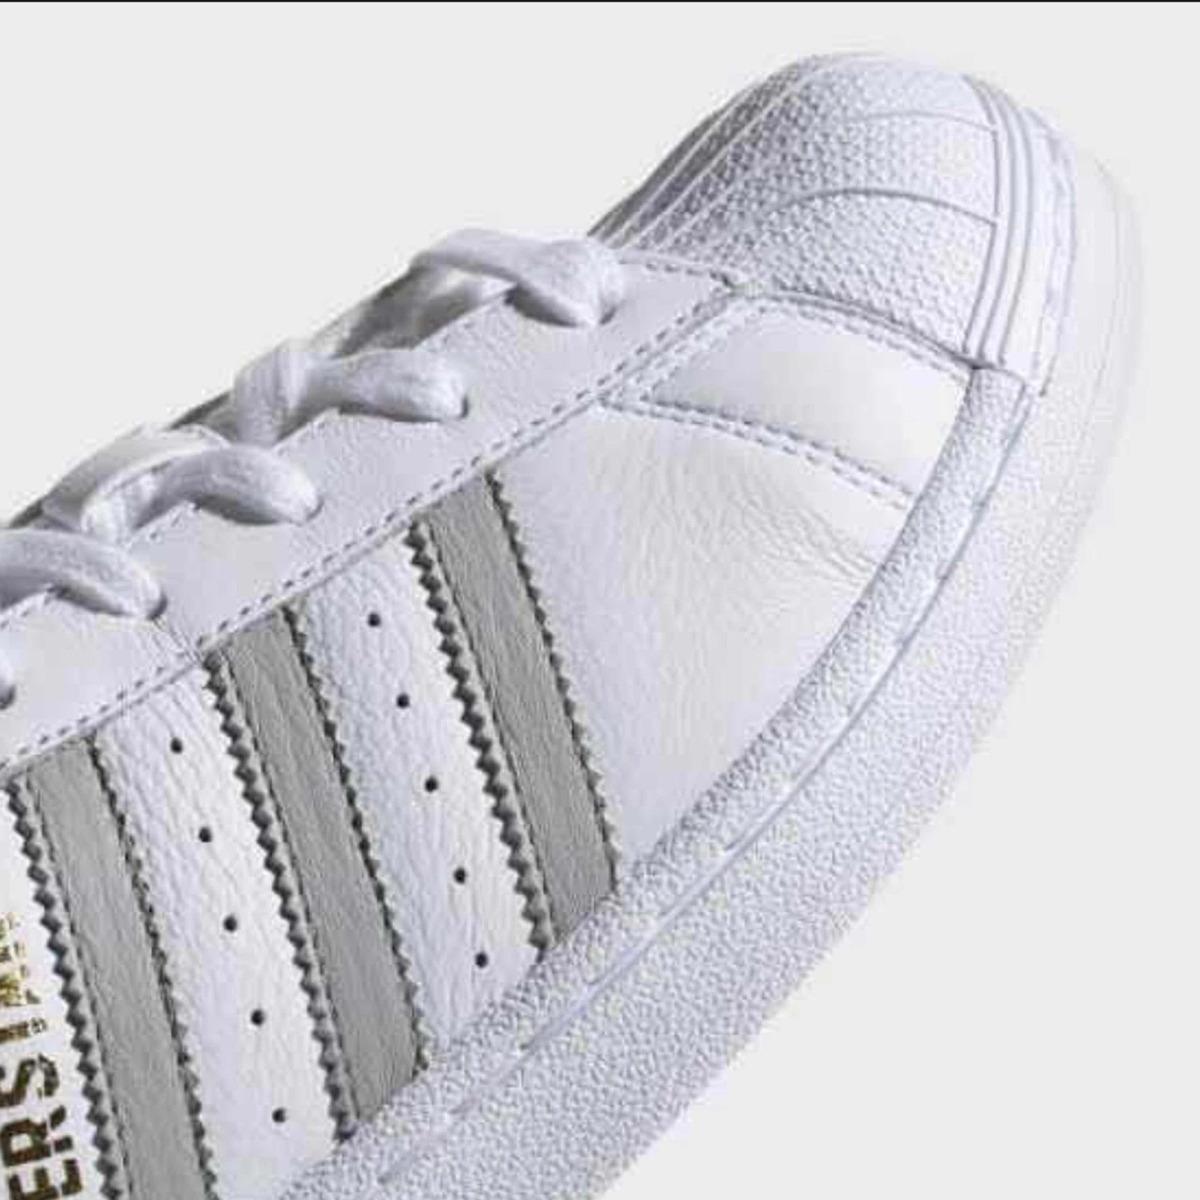 Superstarpiel Tenis Adidas Vacuna23 CmCaja 5 24 25 SVUpMz